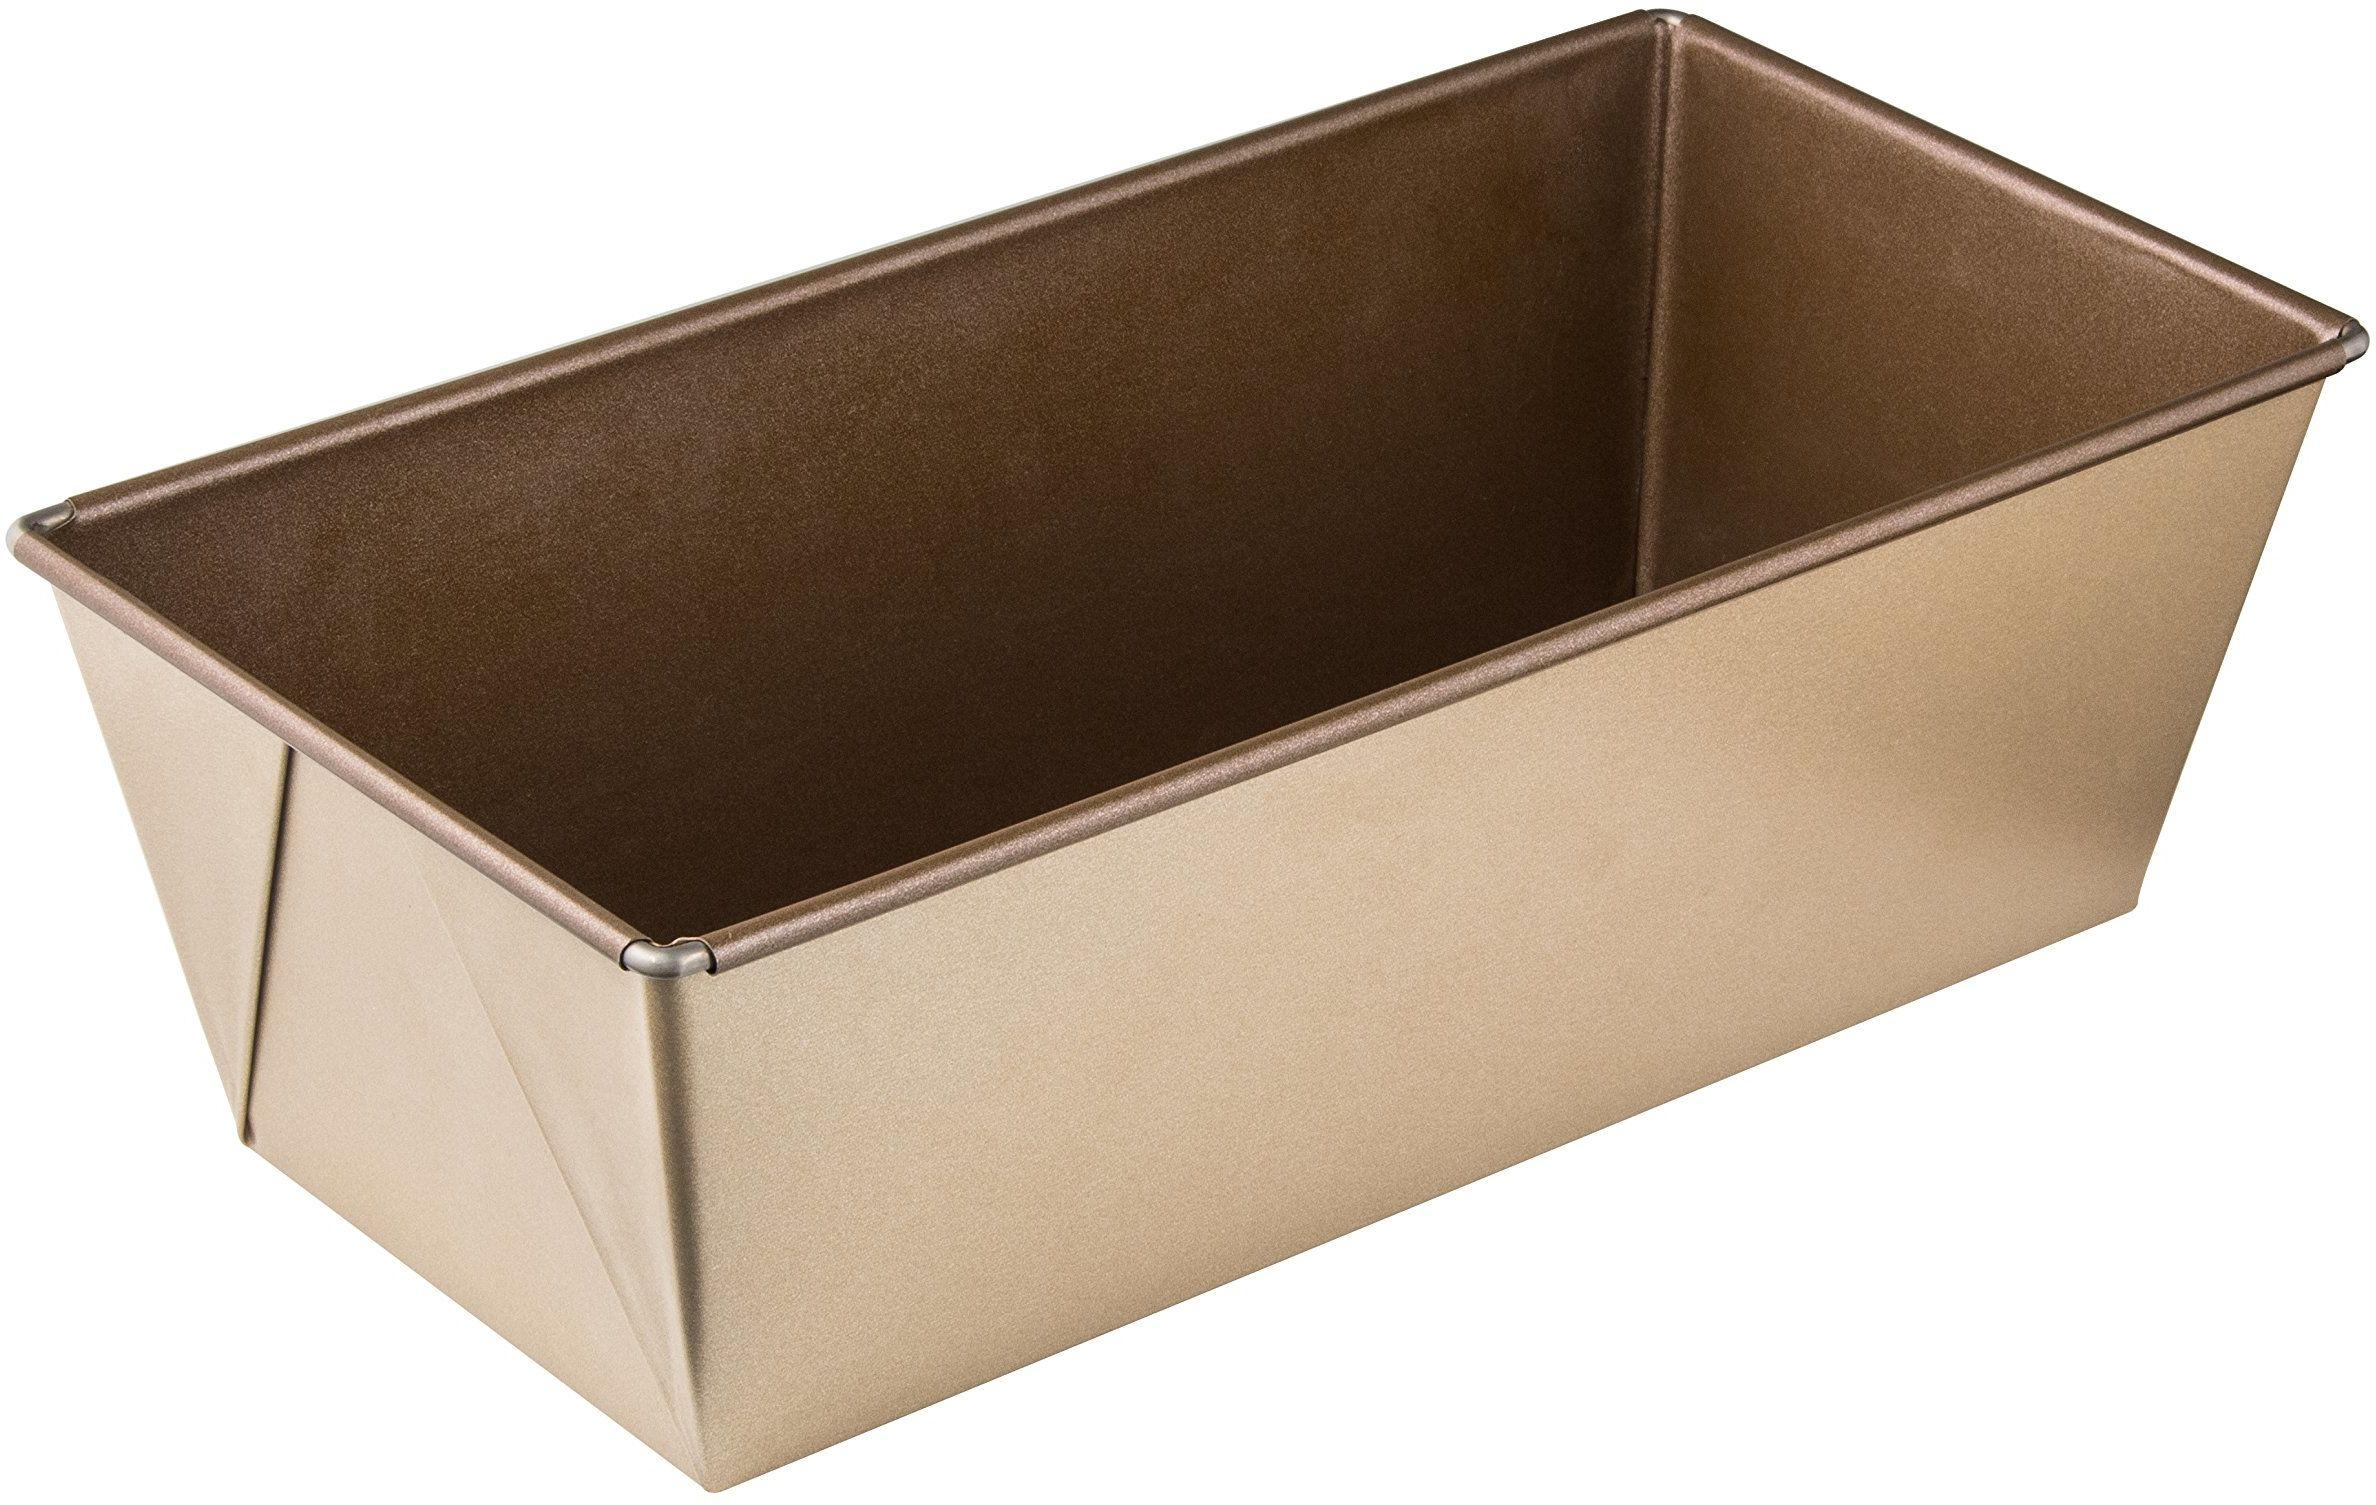 Zenker MOJAVE GOLD forma do pieczenia chleba 30 cm, forma do pieczenia z blachy stalowej, forma do chleba z ceramiczną powłoką zapobiegającą przywieraniu (kolor: mahoń/złoty), ilość: 1 sztuka